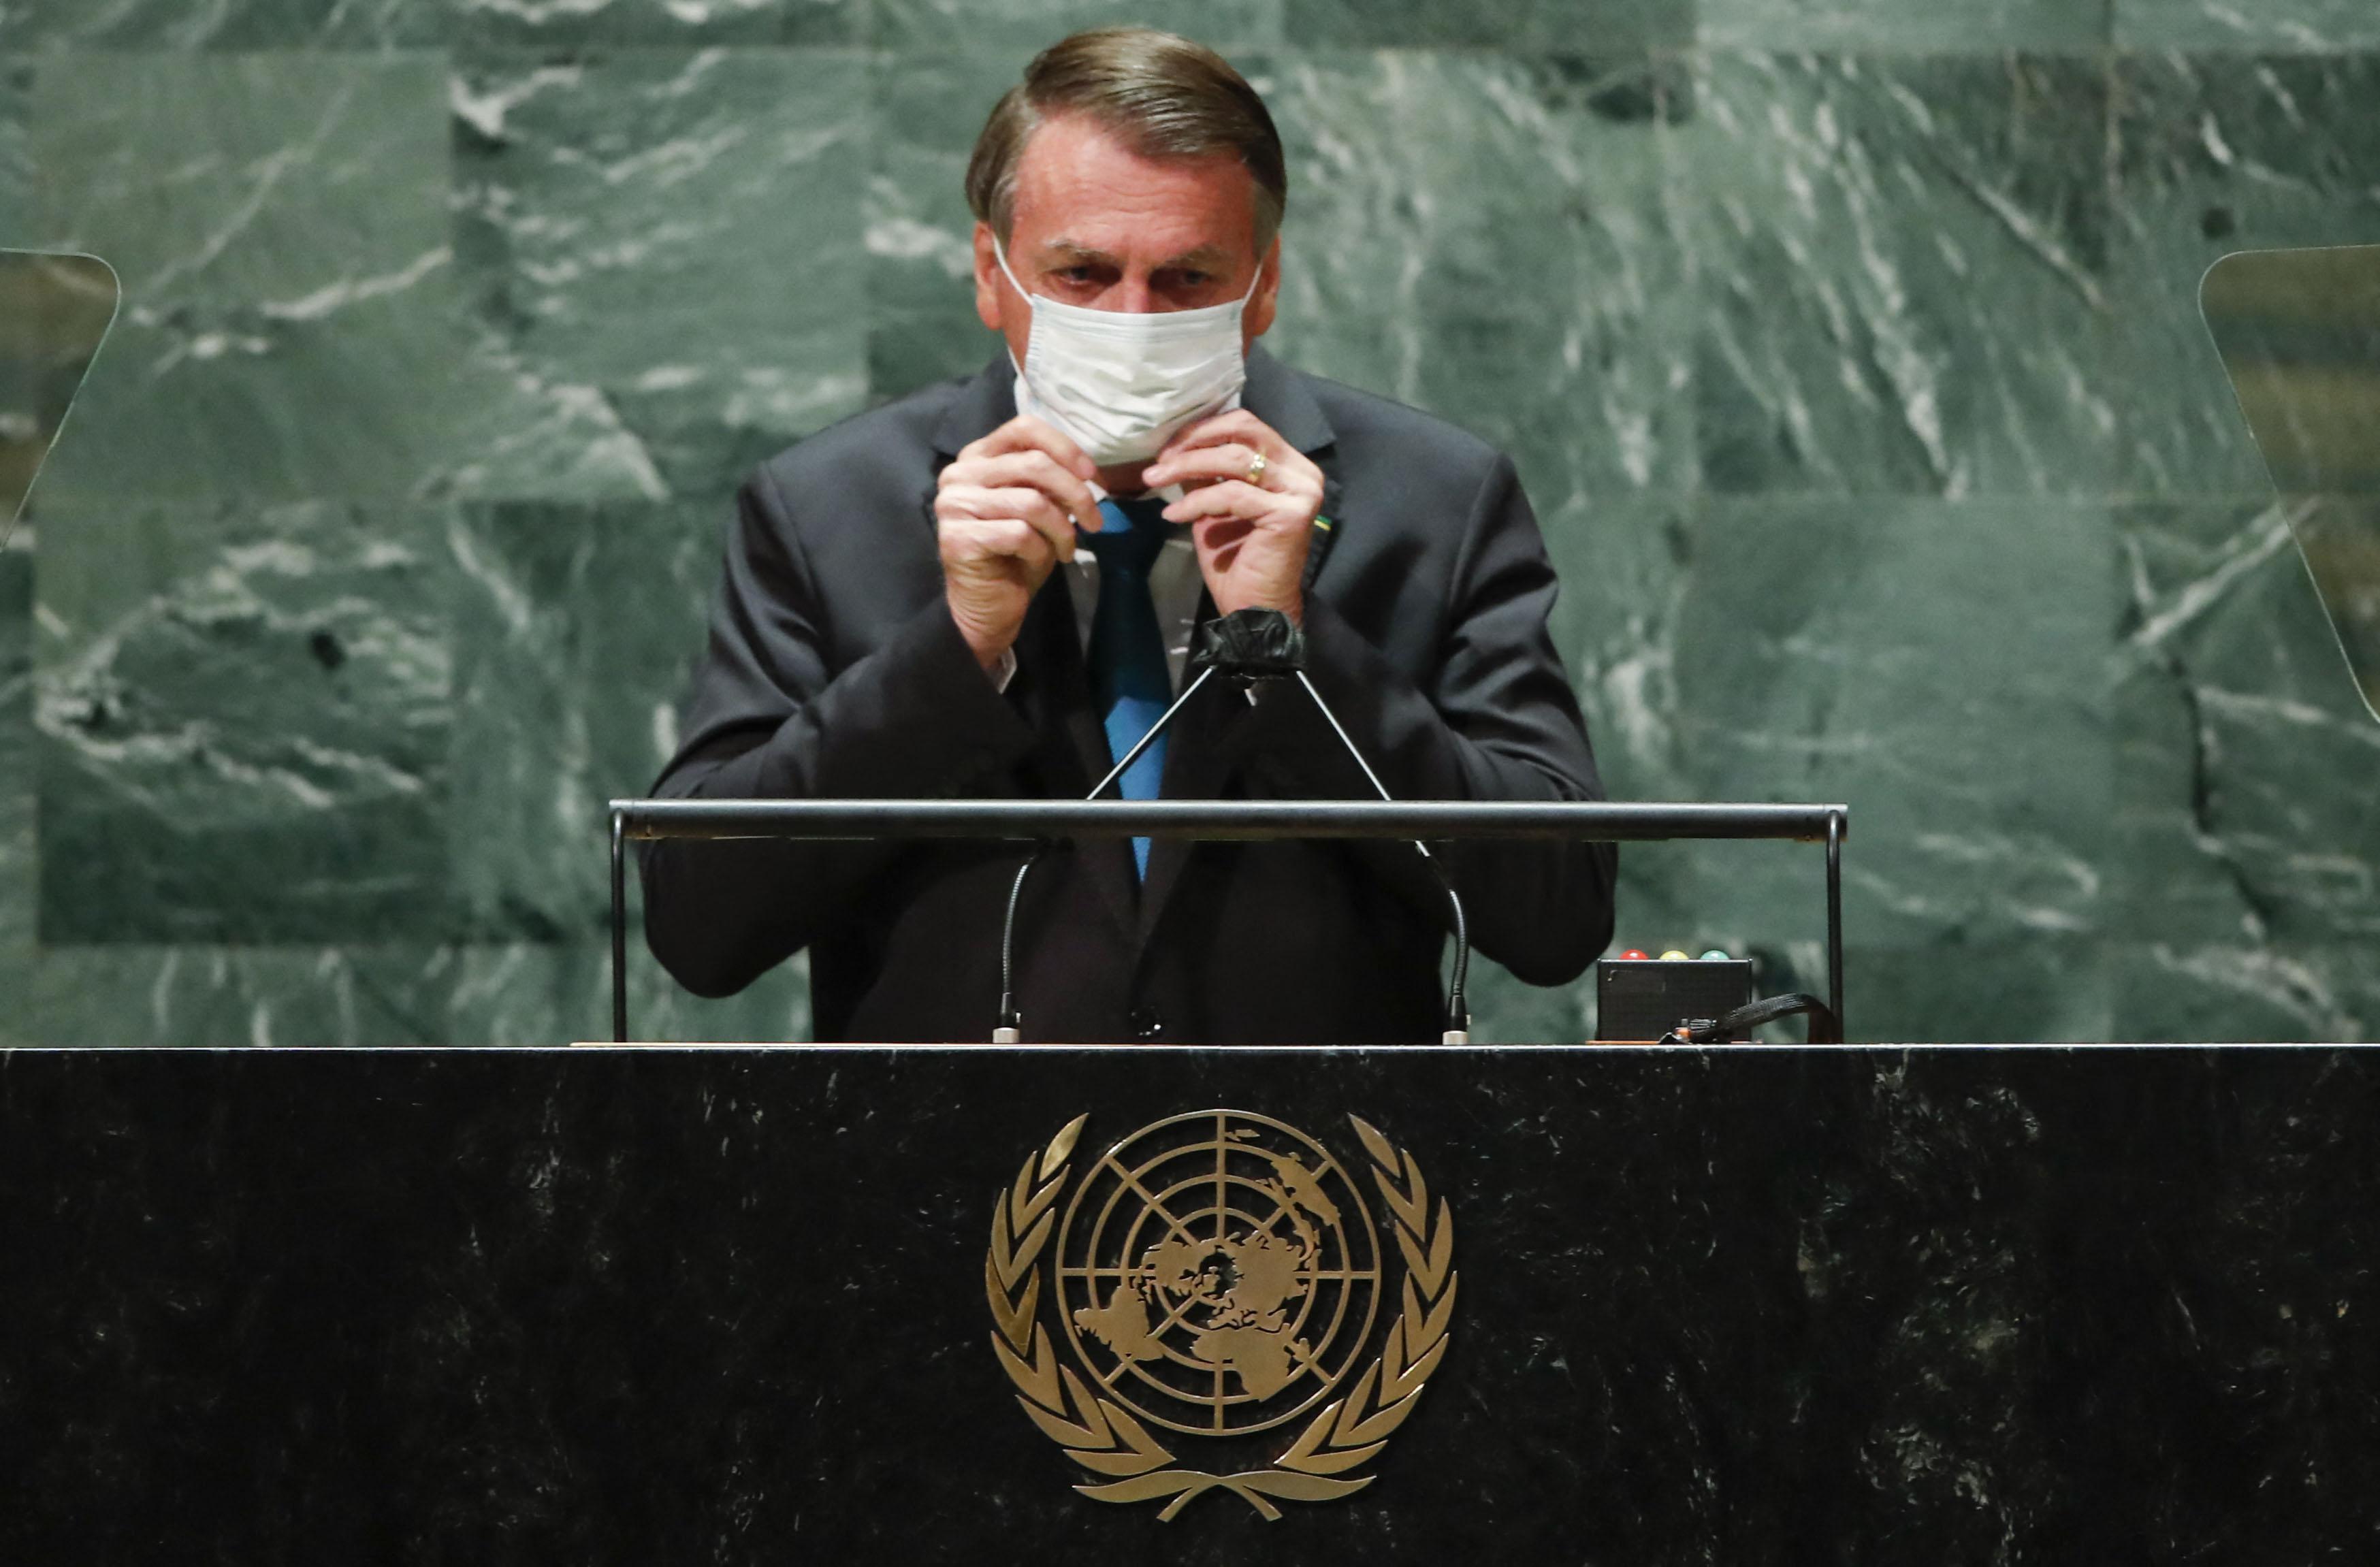 Bolsonarónak karanténba kell mennie, mert koronás lett az egészségügyi minisztere, aki elkísérte az ENSZ-találkozóra